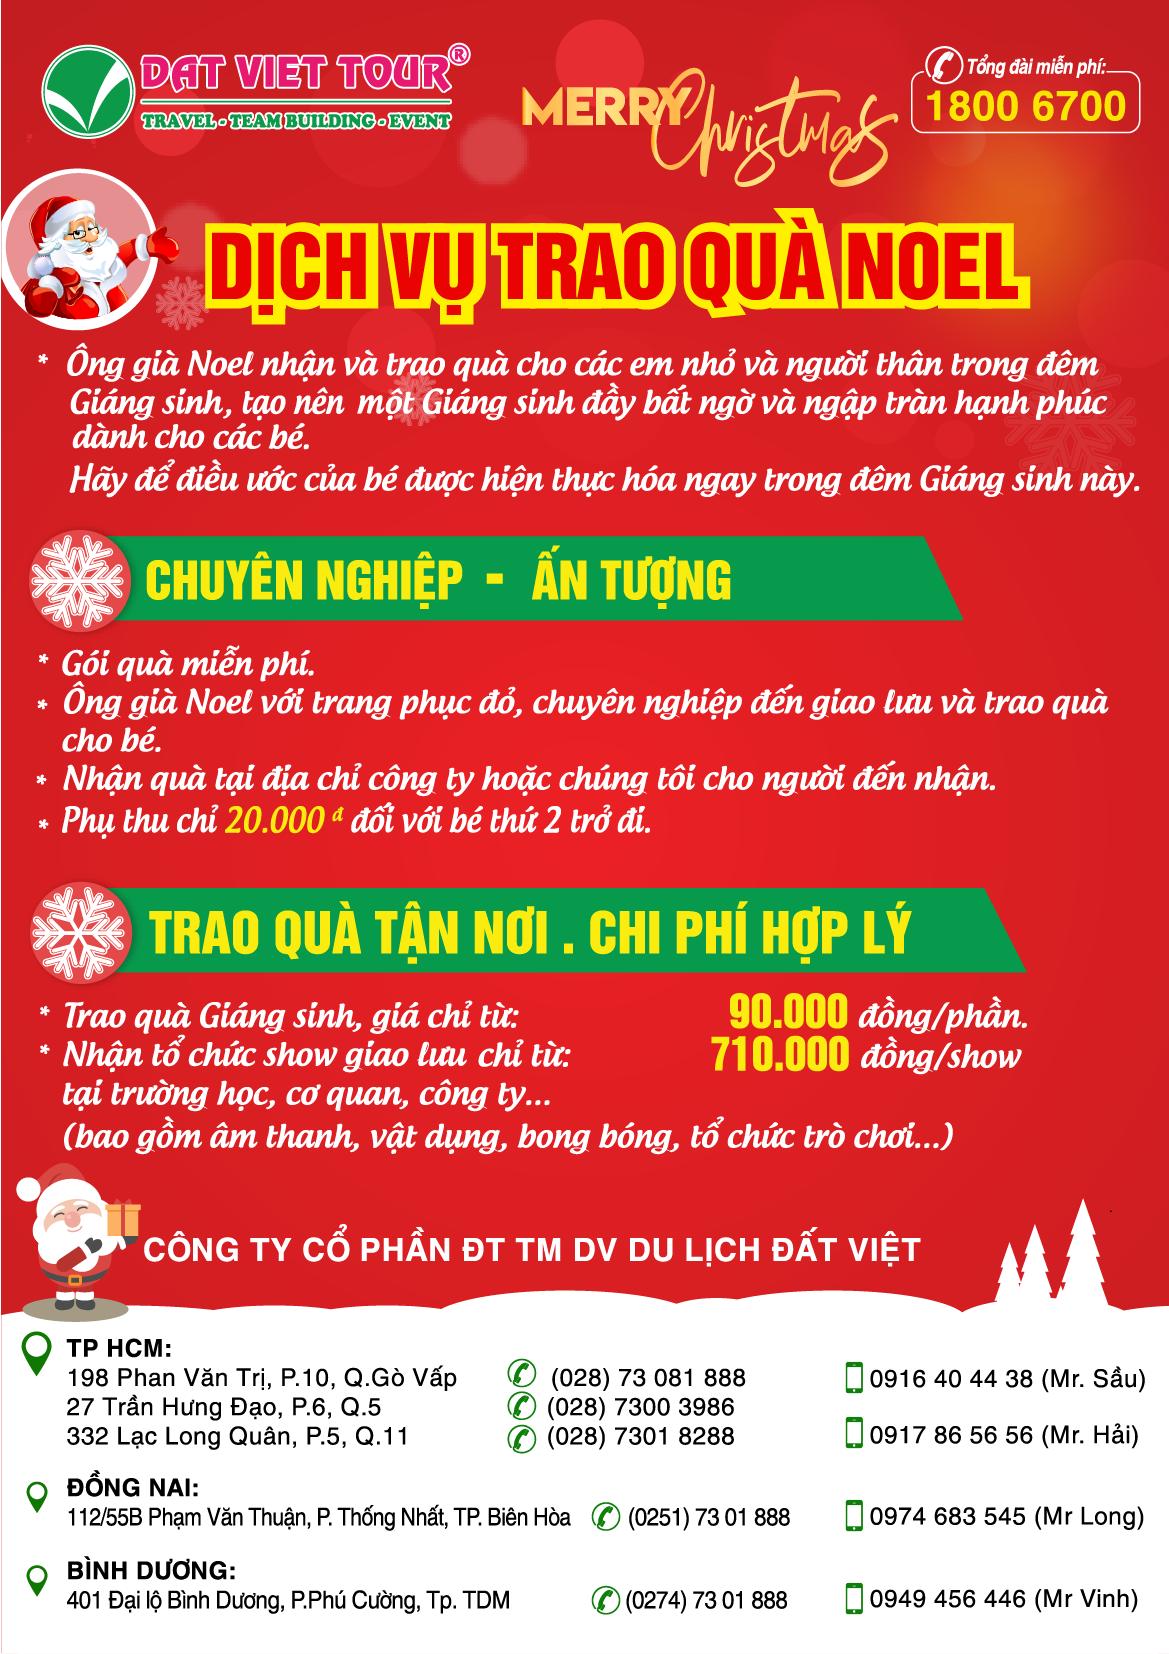 Dịch vụ phát quà Giáng sinh 2019 - Tờ rơi dịch vụ phát quà Giáng sinh 2